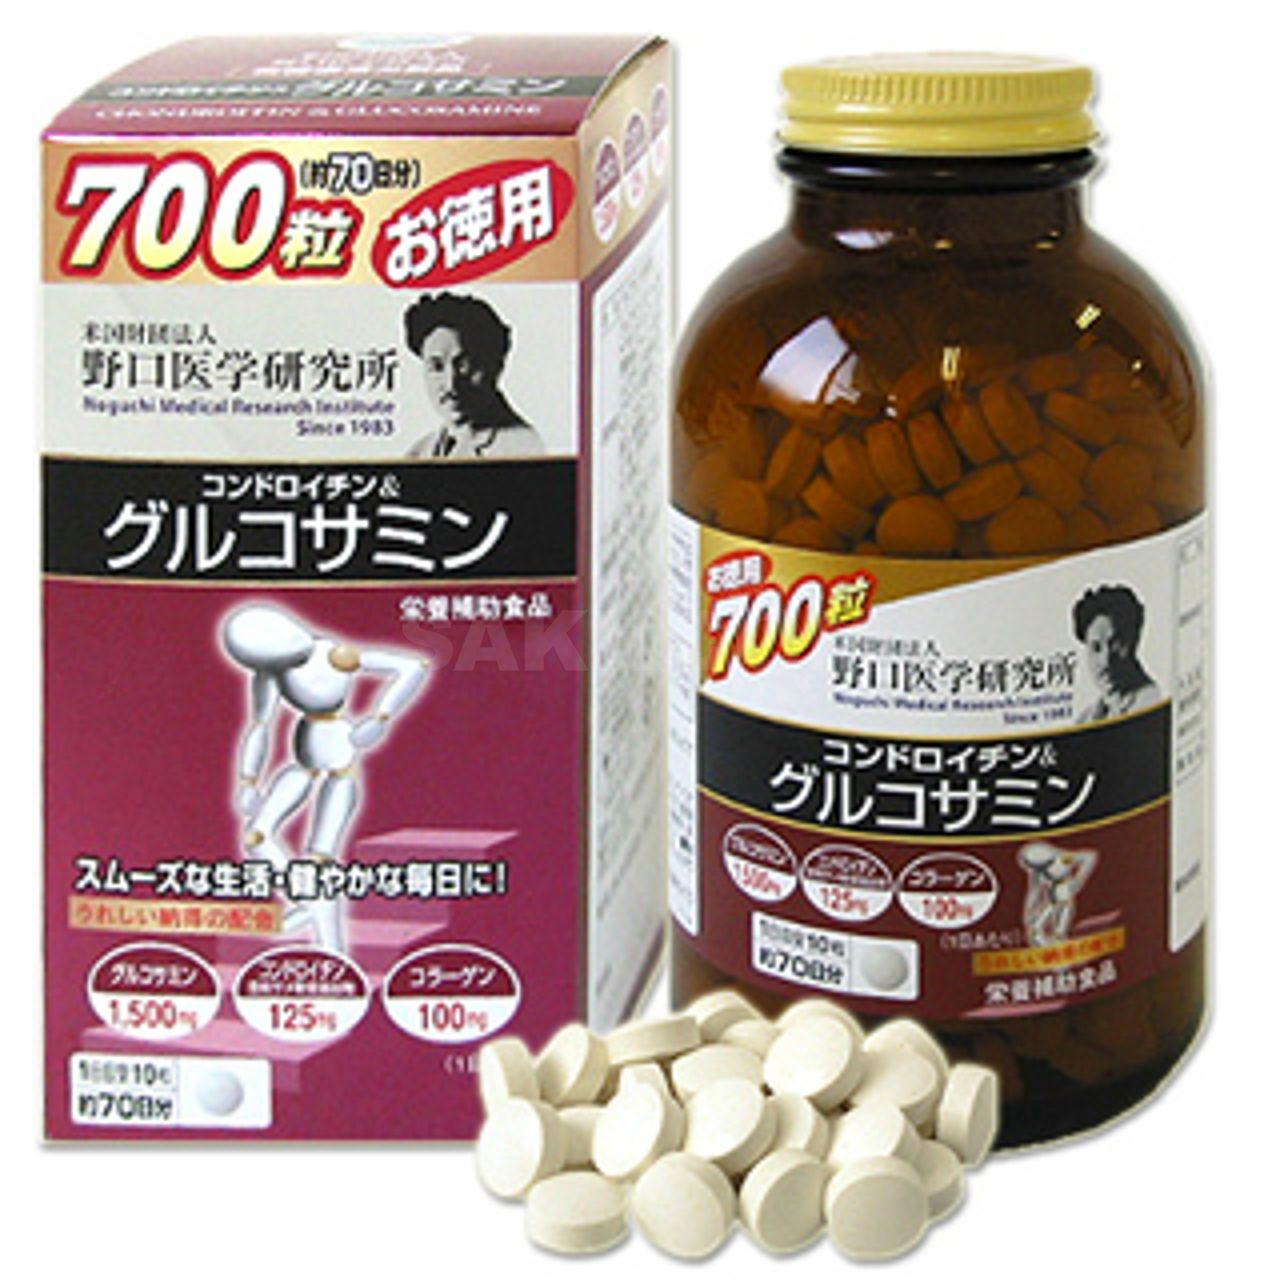 """""""наттокиназа"""": отзывы врачей, инструкция по применению, польза и вред"""